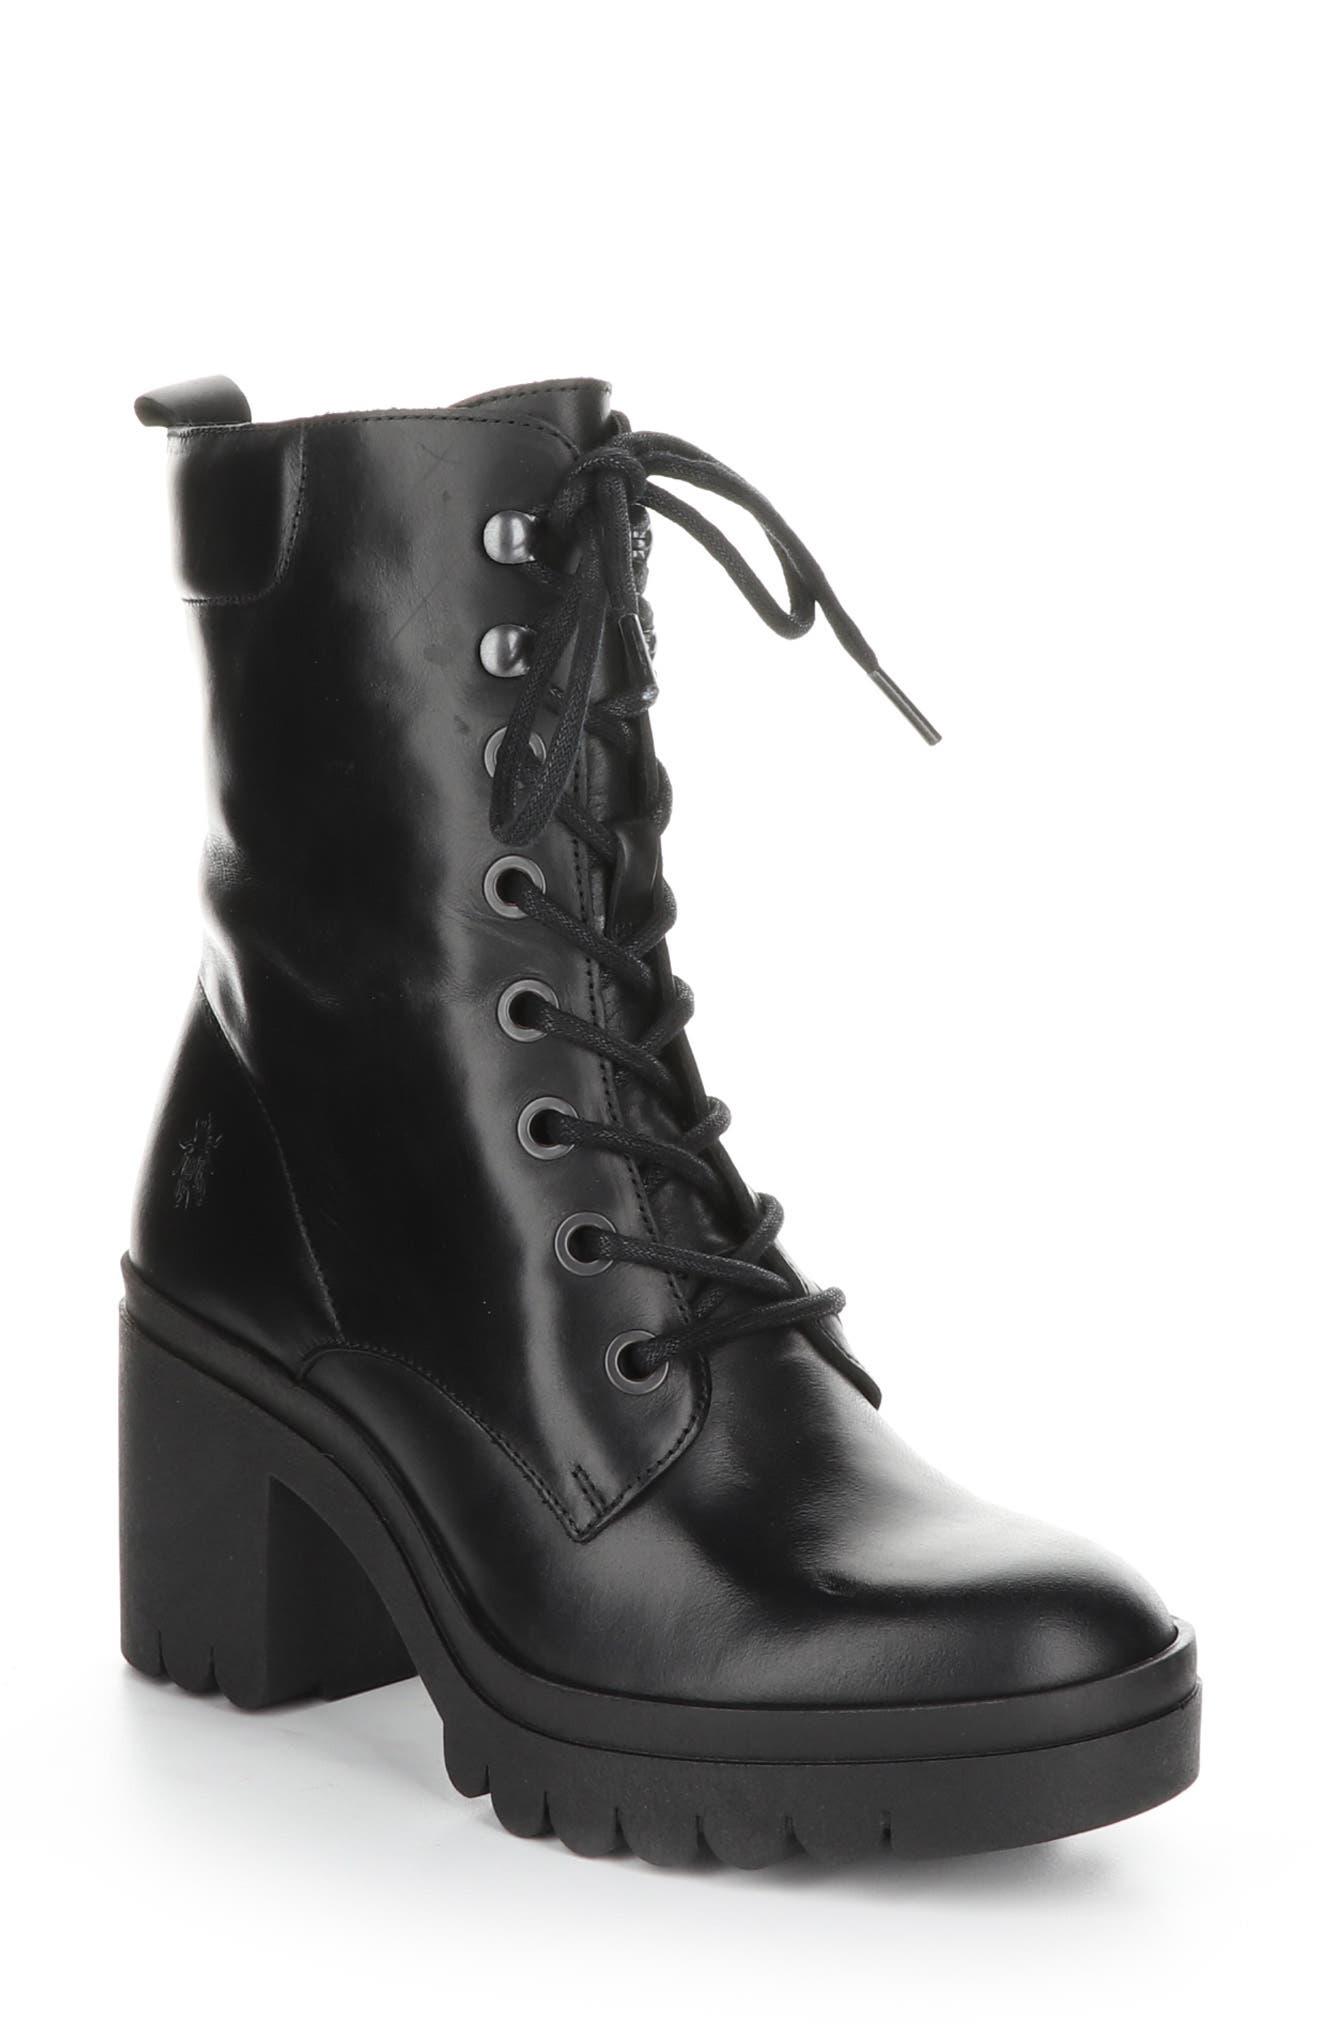 Tiel Combat Boot